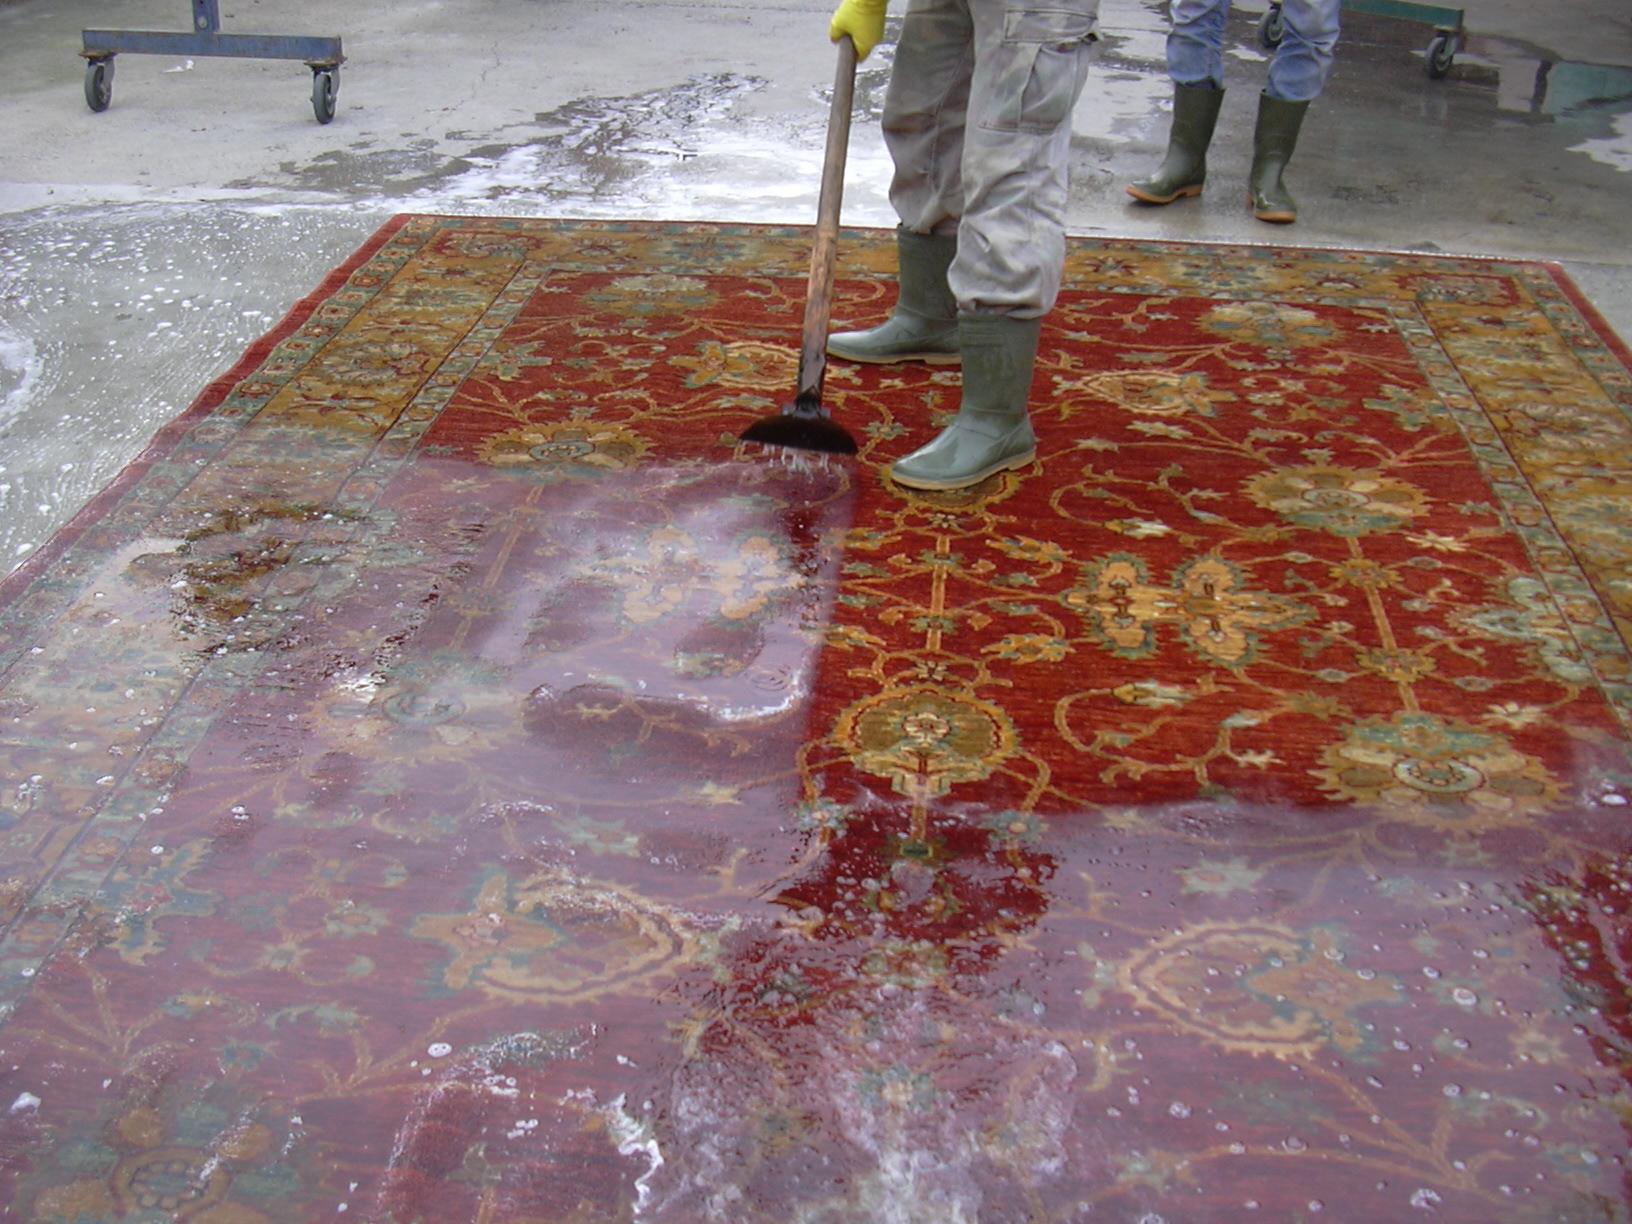 Centro lavaggio e restauro tappeti milano nord - Lavaggio tappeti in casa ...